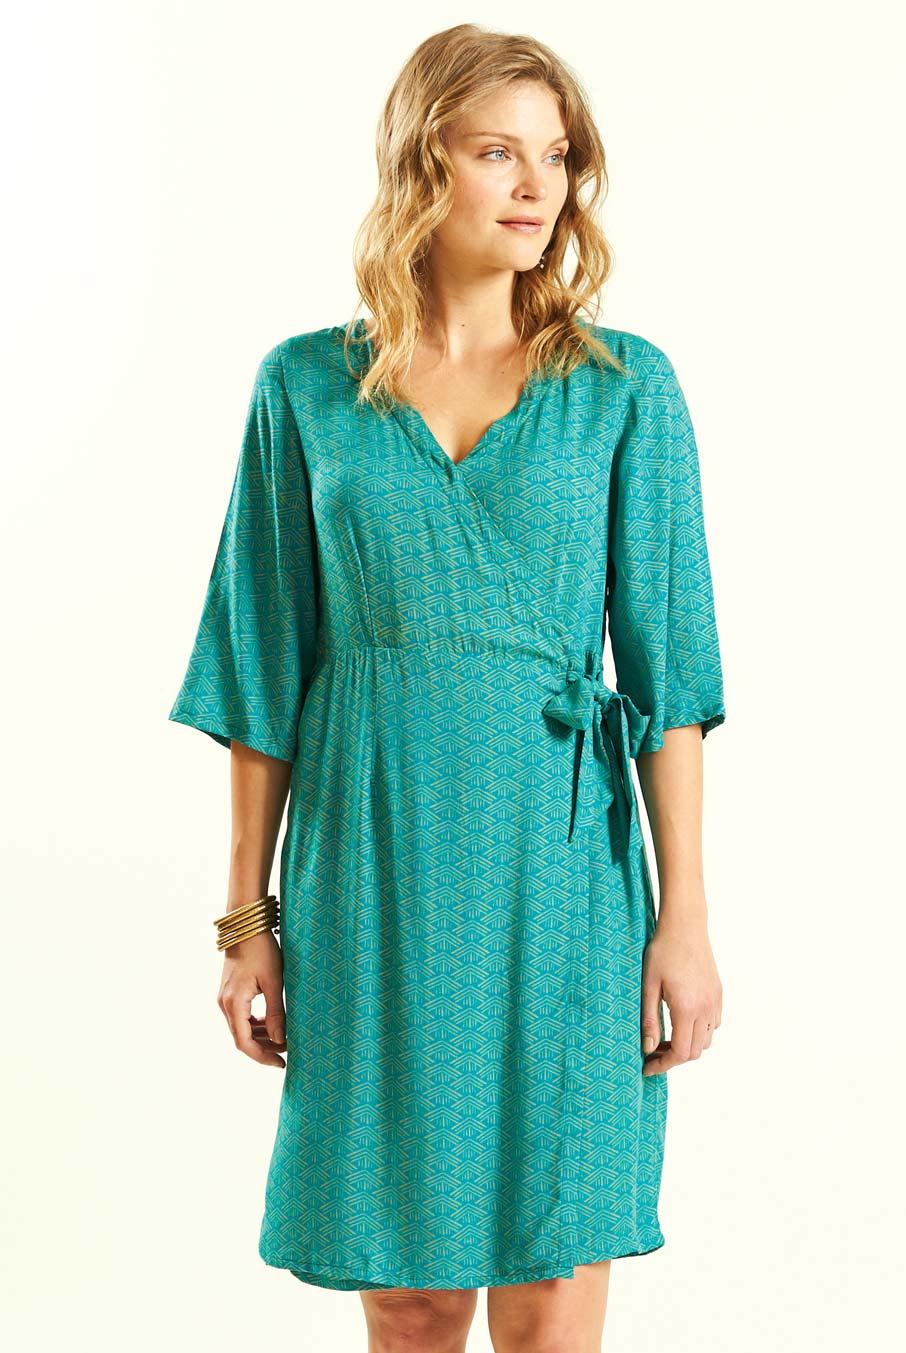 Tunikové šaty Kimono tyrkysové ⋆ Green butik aa05747019